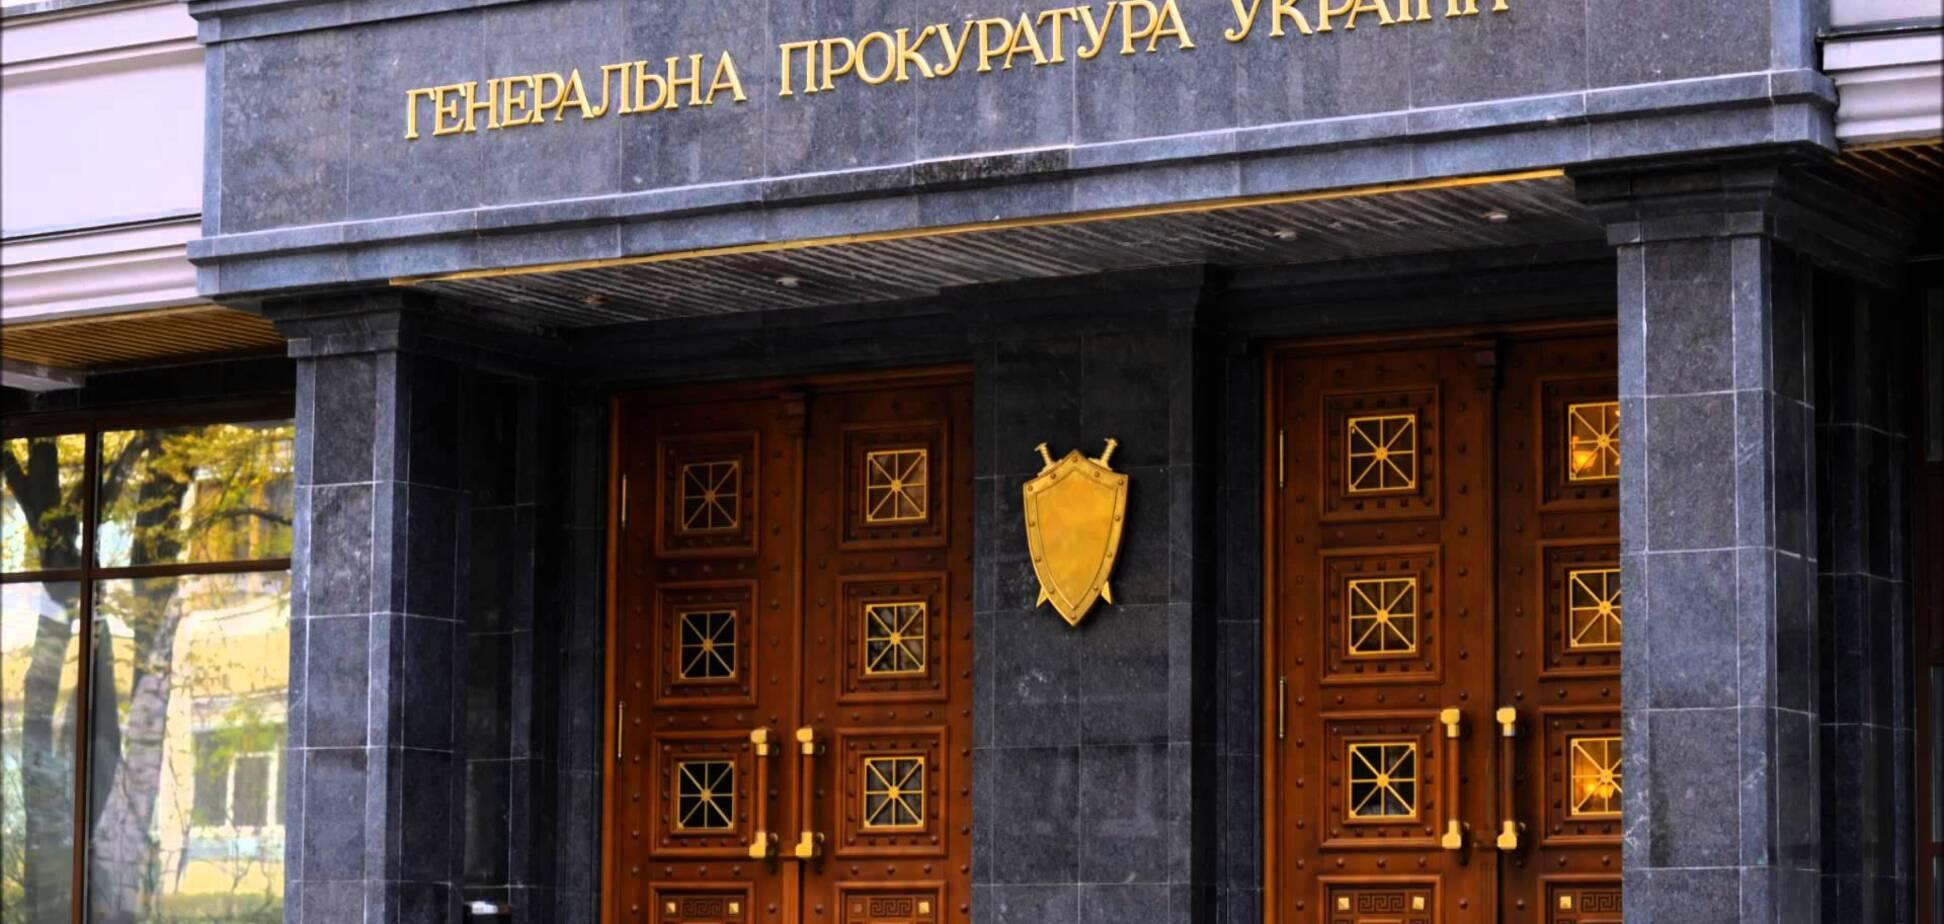 Жирная точка почти поставлена: в ГПУ обнадежили результатами по громкому убийству в Киеве